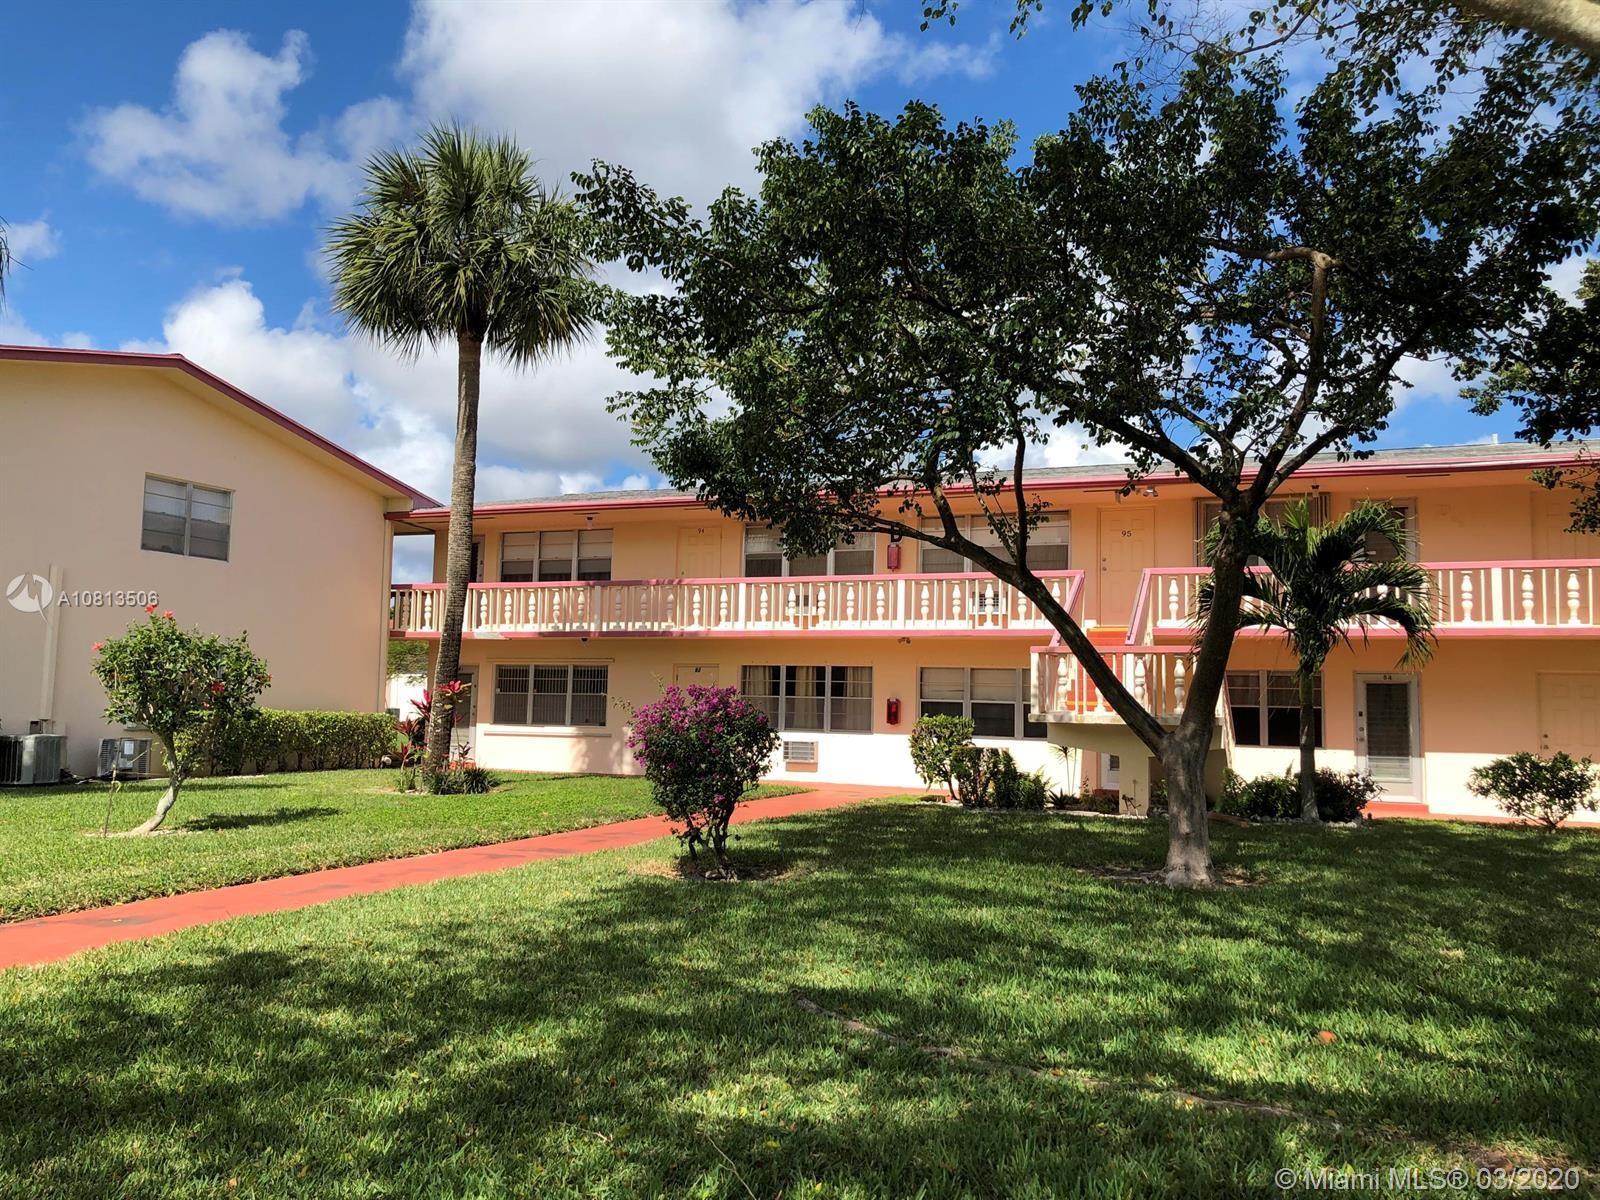 82 Waltham D 82, West Palm Beach, FL 33417